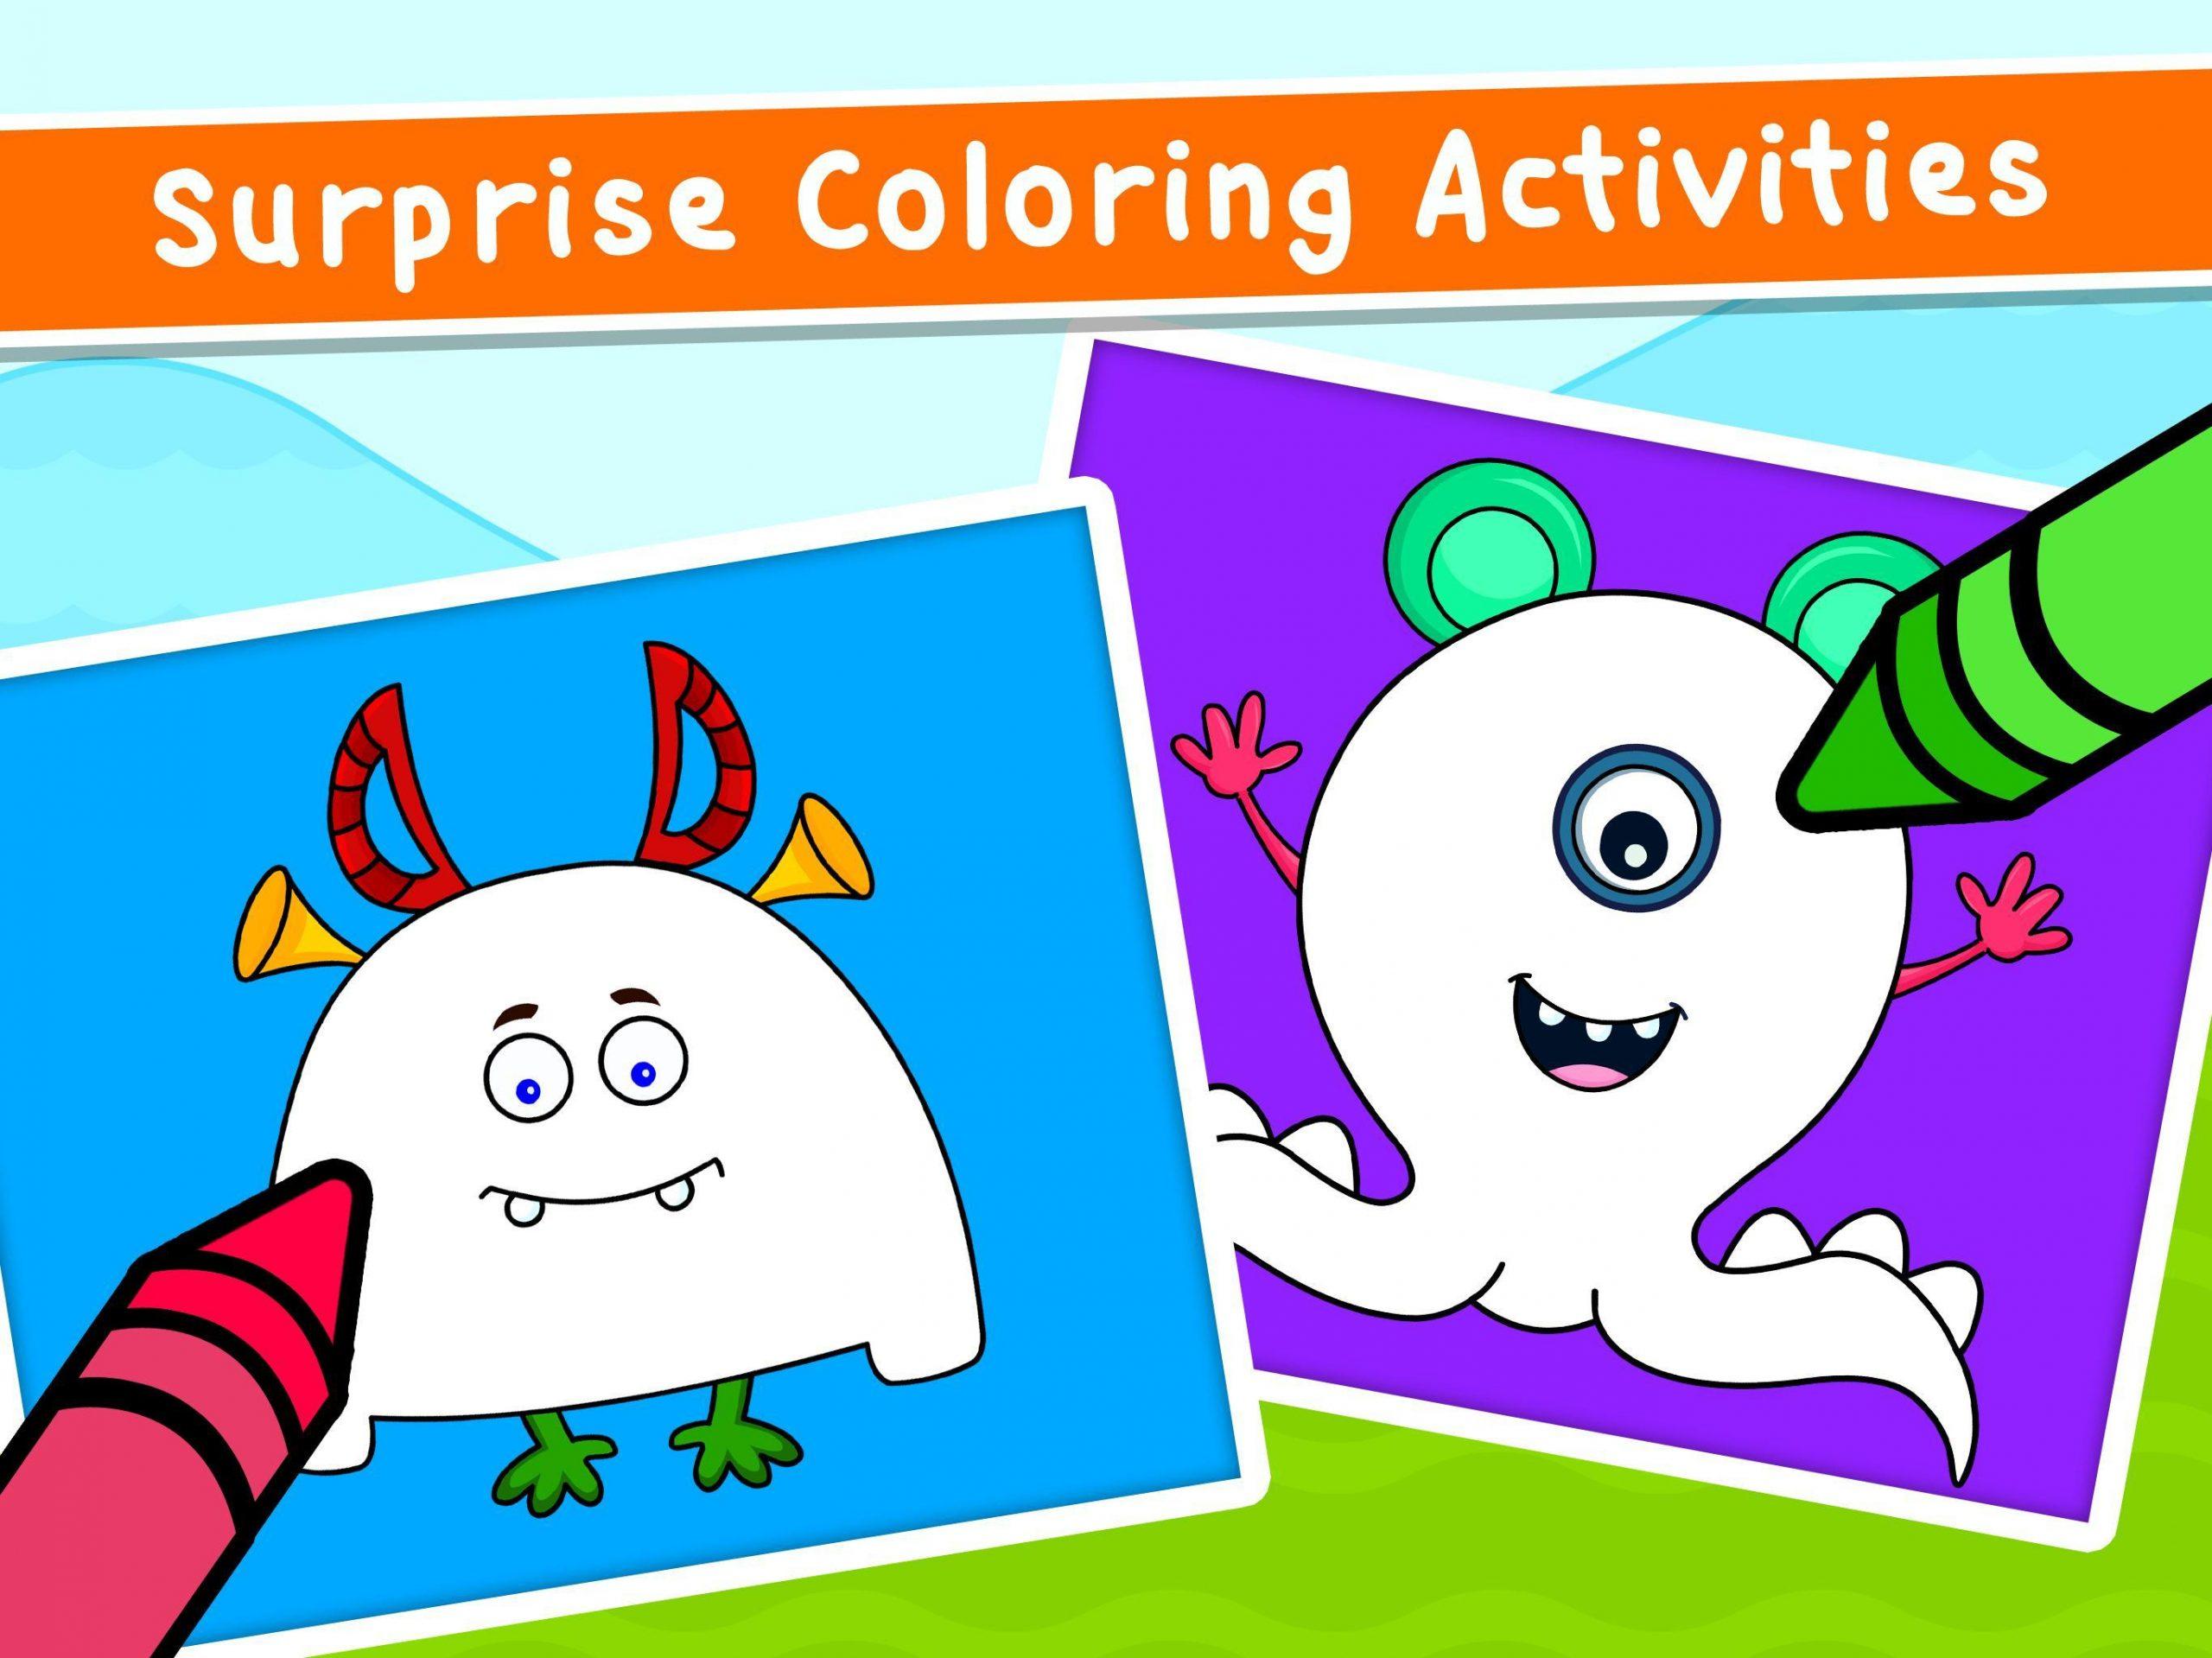 Jeux De Coloriage Pour Enfants - Dessin Livre Pour Android intérieur Jeux Enfant Dessin